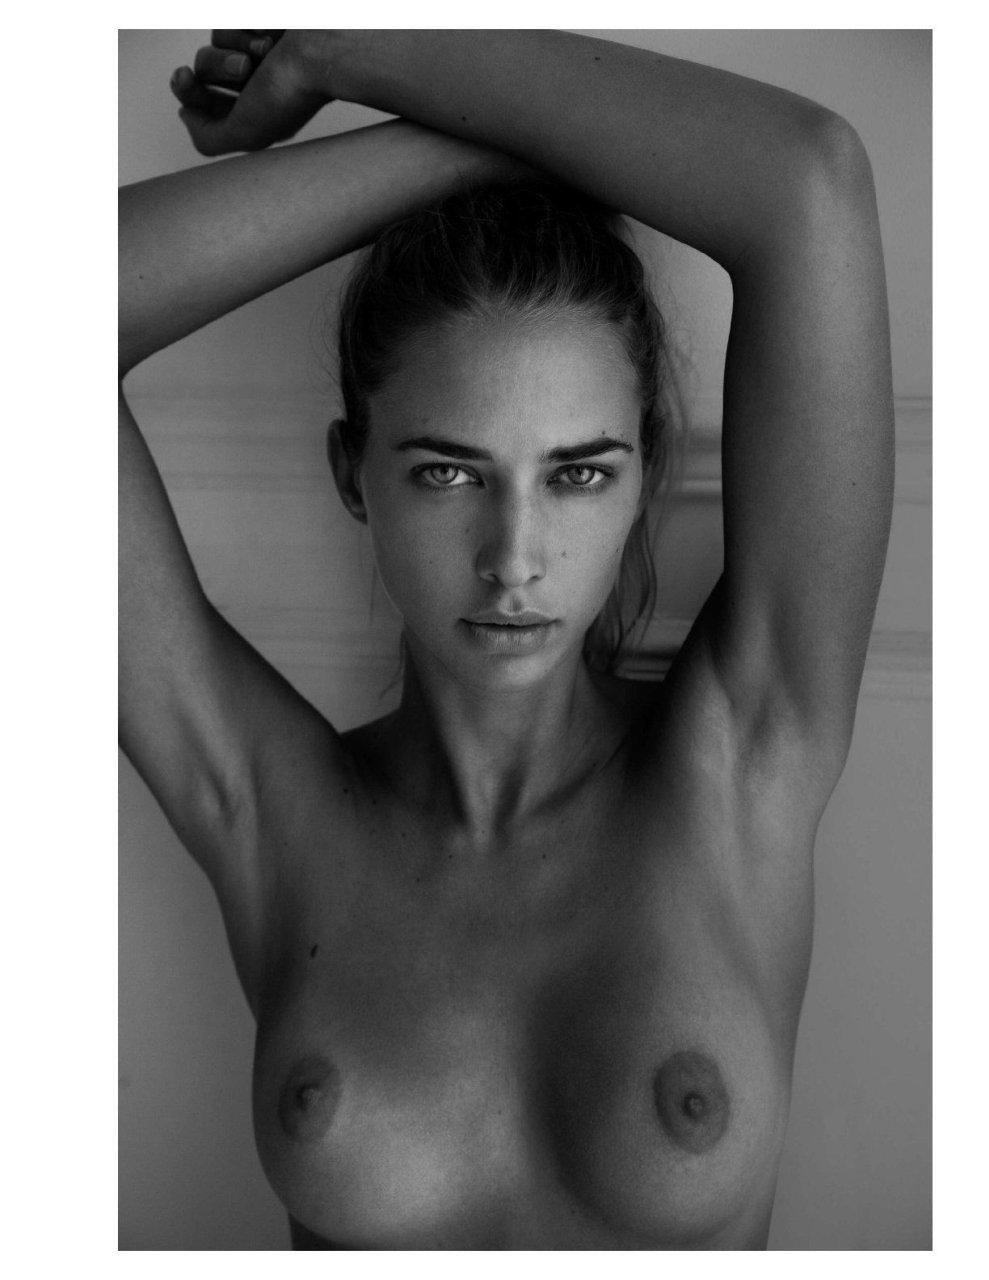 Margot Milani Nude